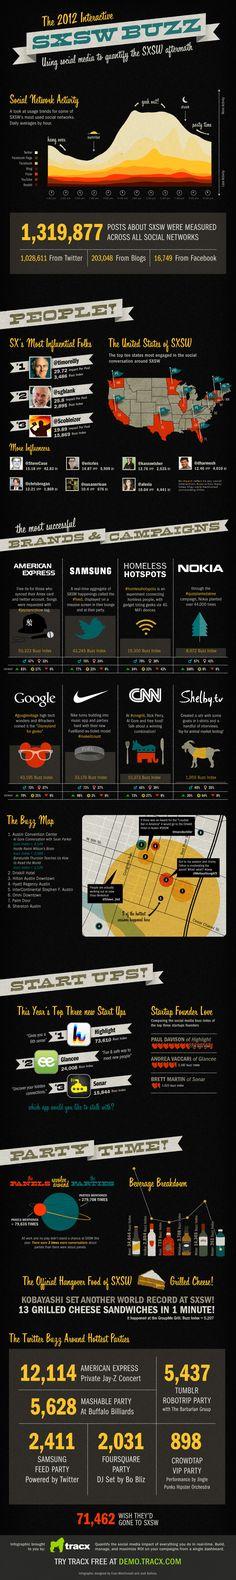 SXSW 2012 #socialmedia Buzz #Infographic